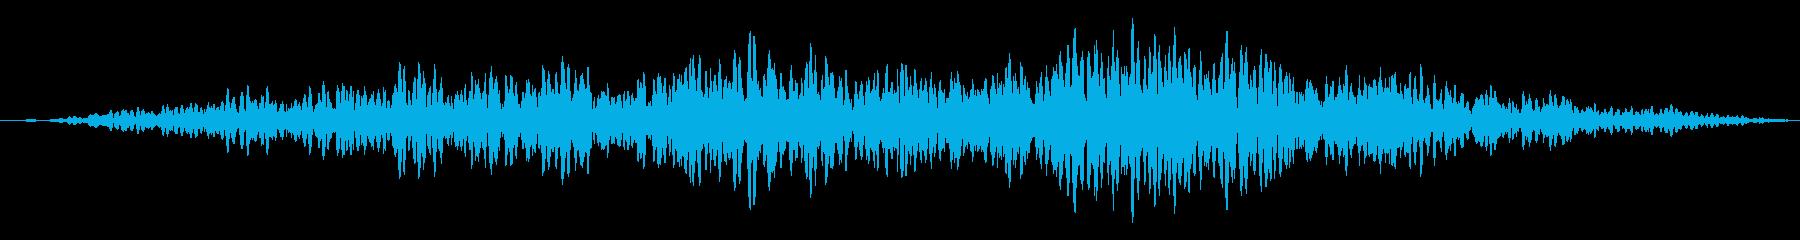 ホラー/恐怖の演出や場面転換に最適!02の再生済みの波形